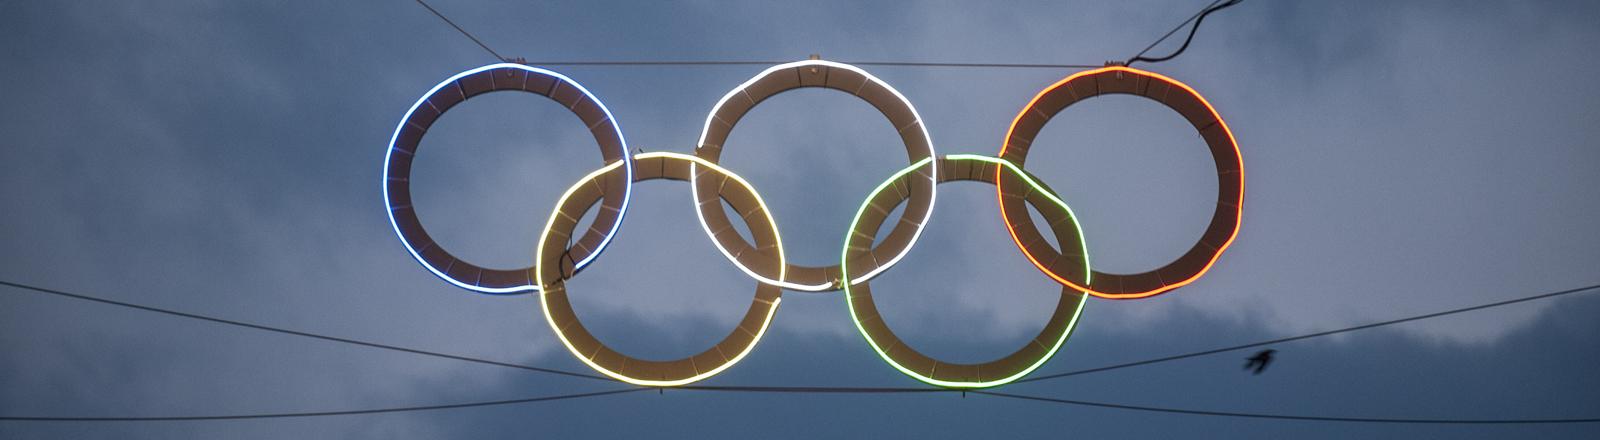 Bunt leuchten am 16.03.2015 in Berlin die Olympischen Ringe am Olympiastadion.